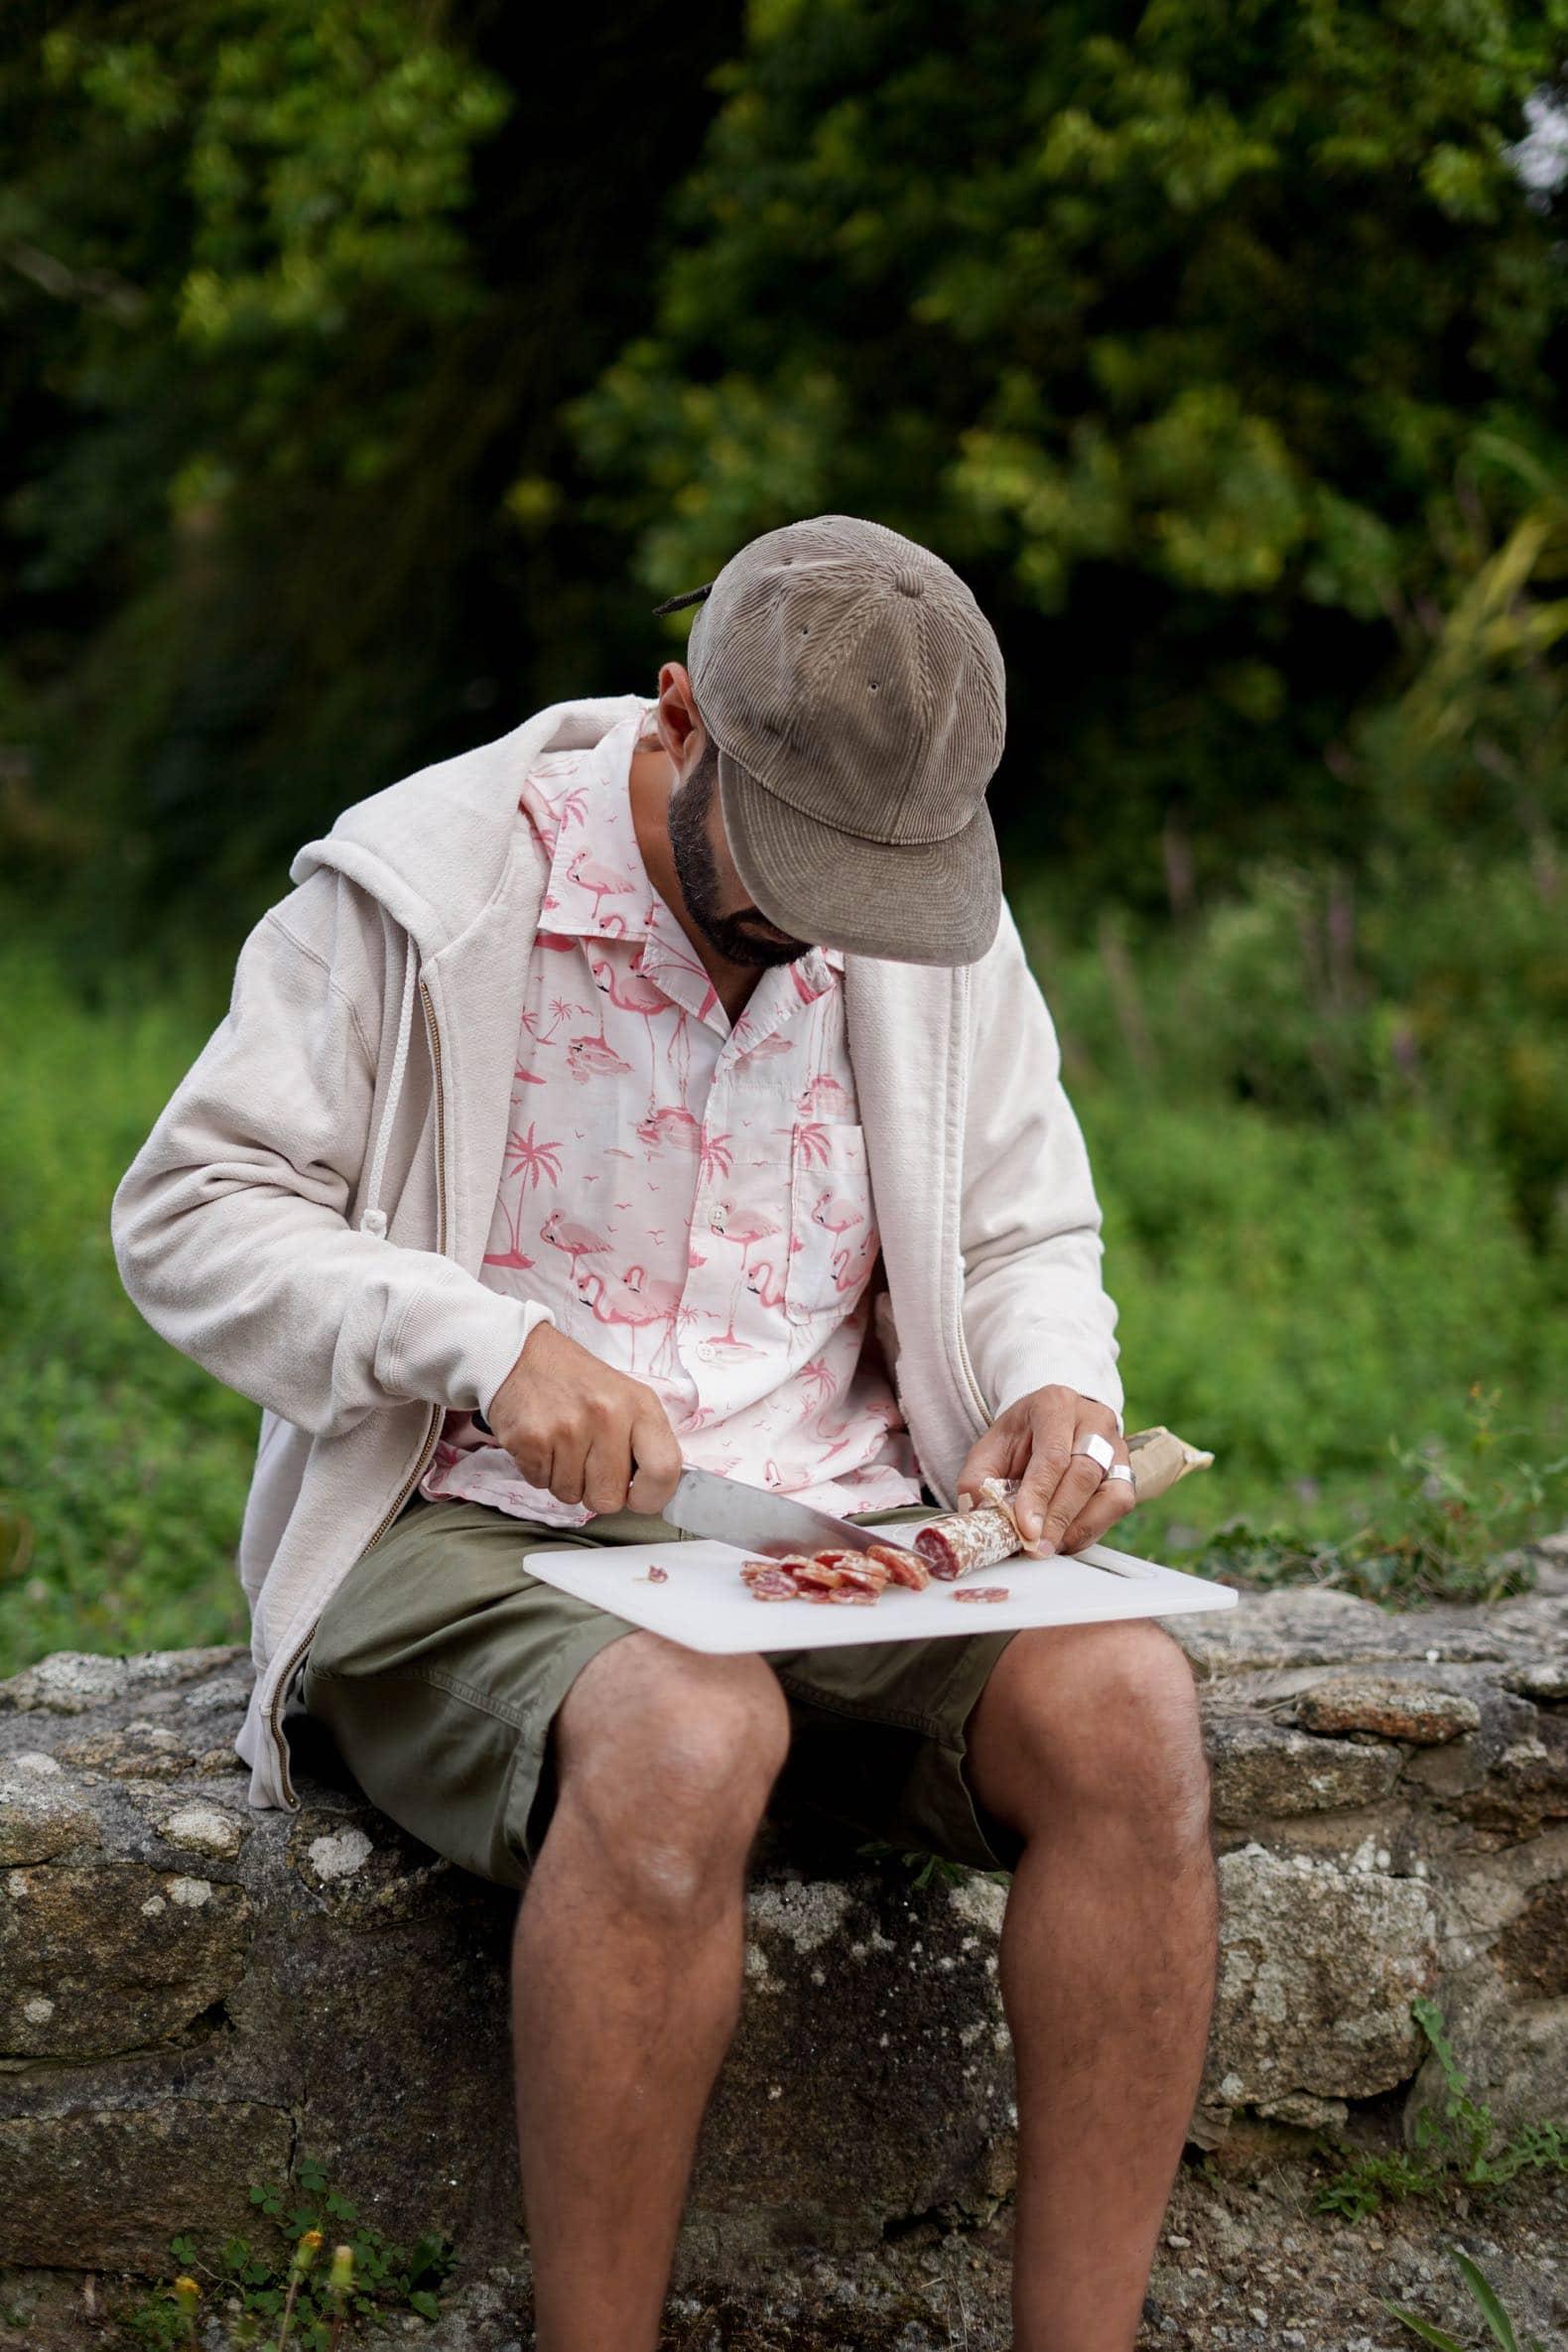 homme couper saucisson